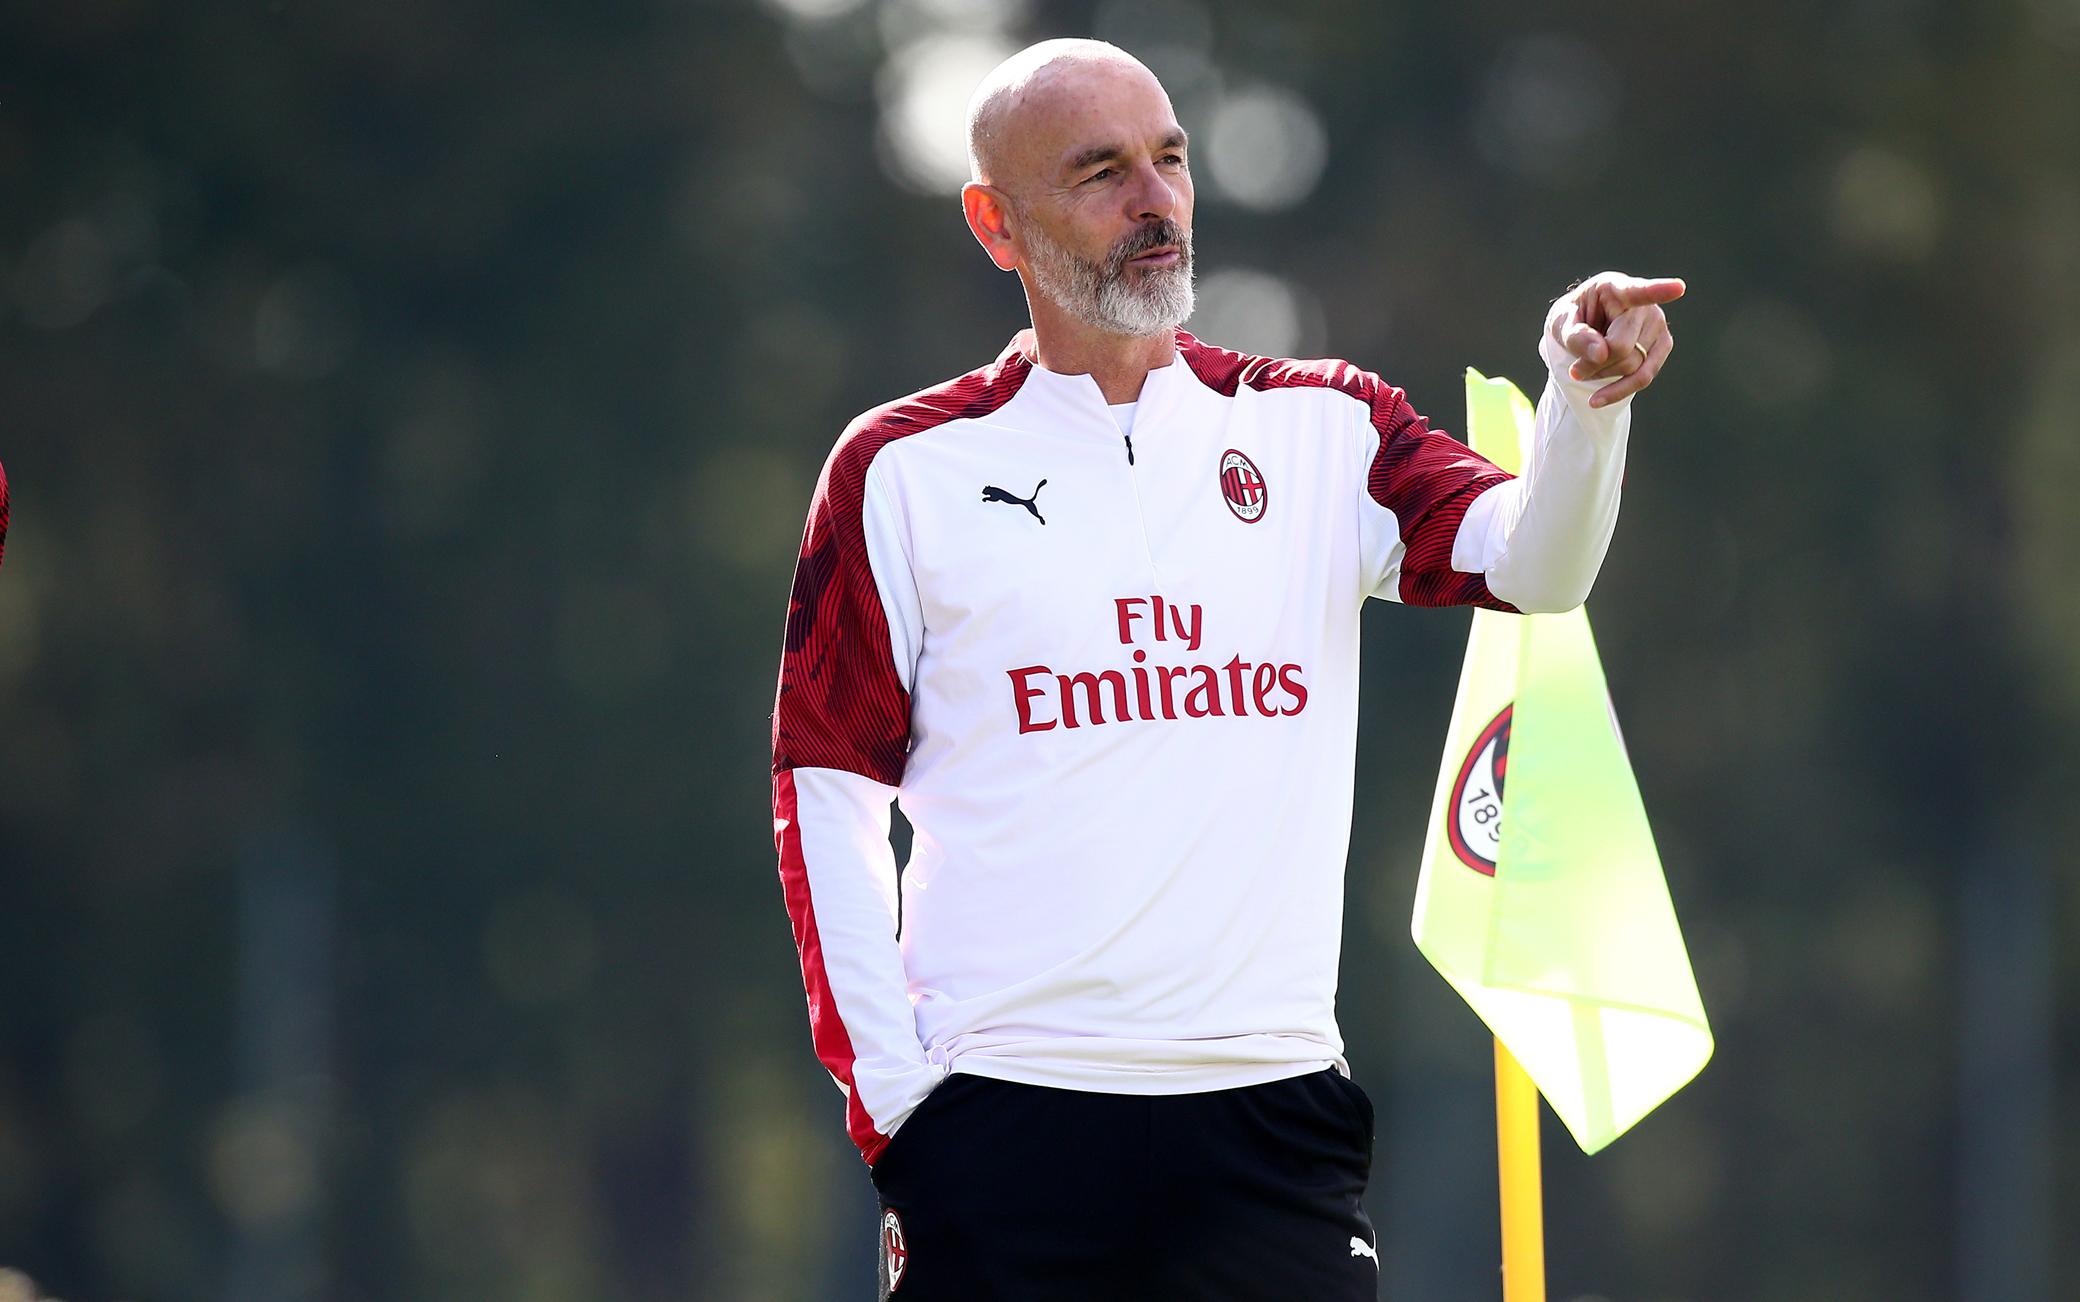 ایتالیا-میلان-سری-آ-ایتالیا-Milan